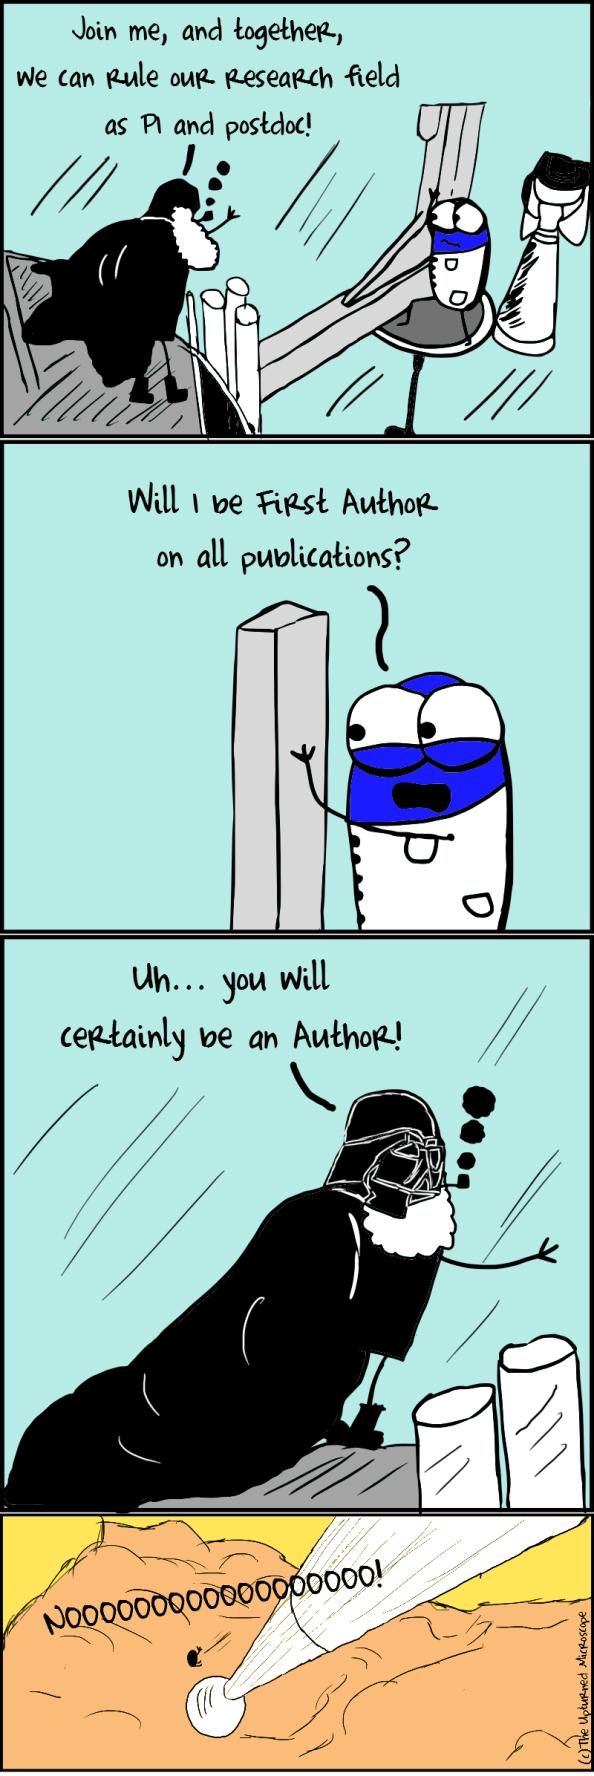 phd comics origin of the thesis